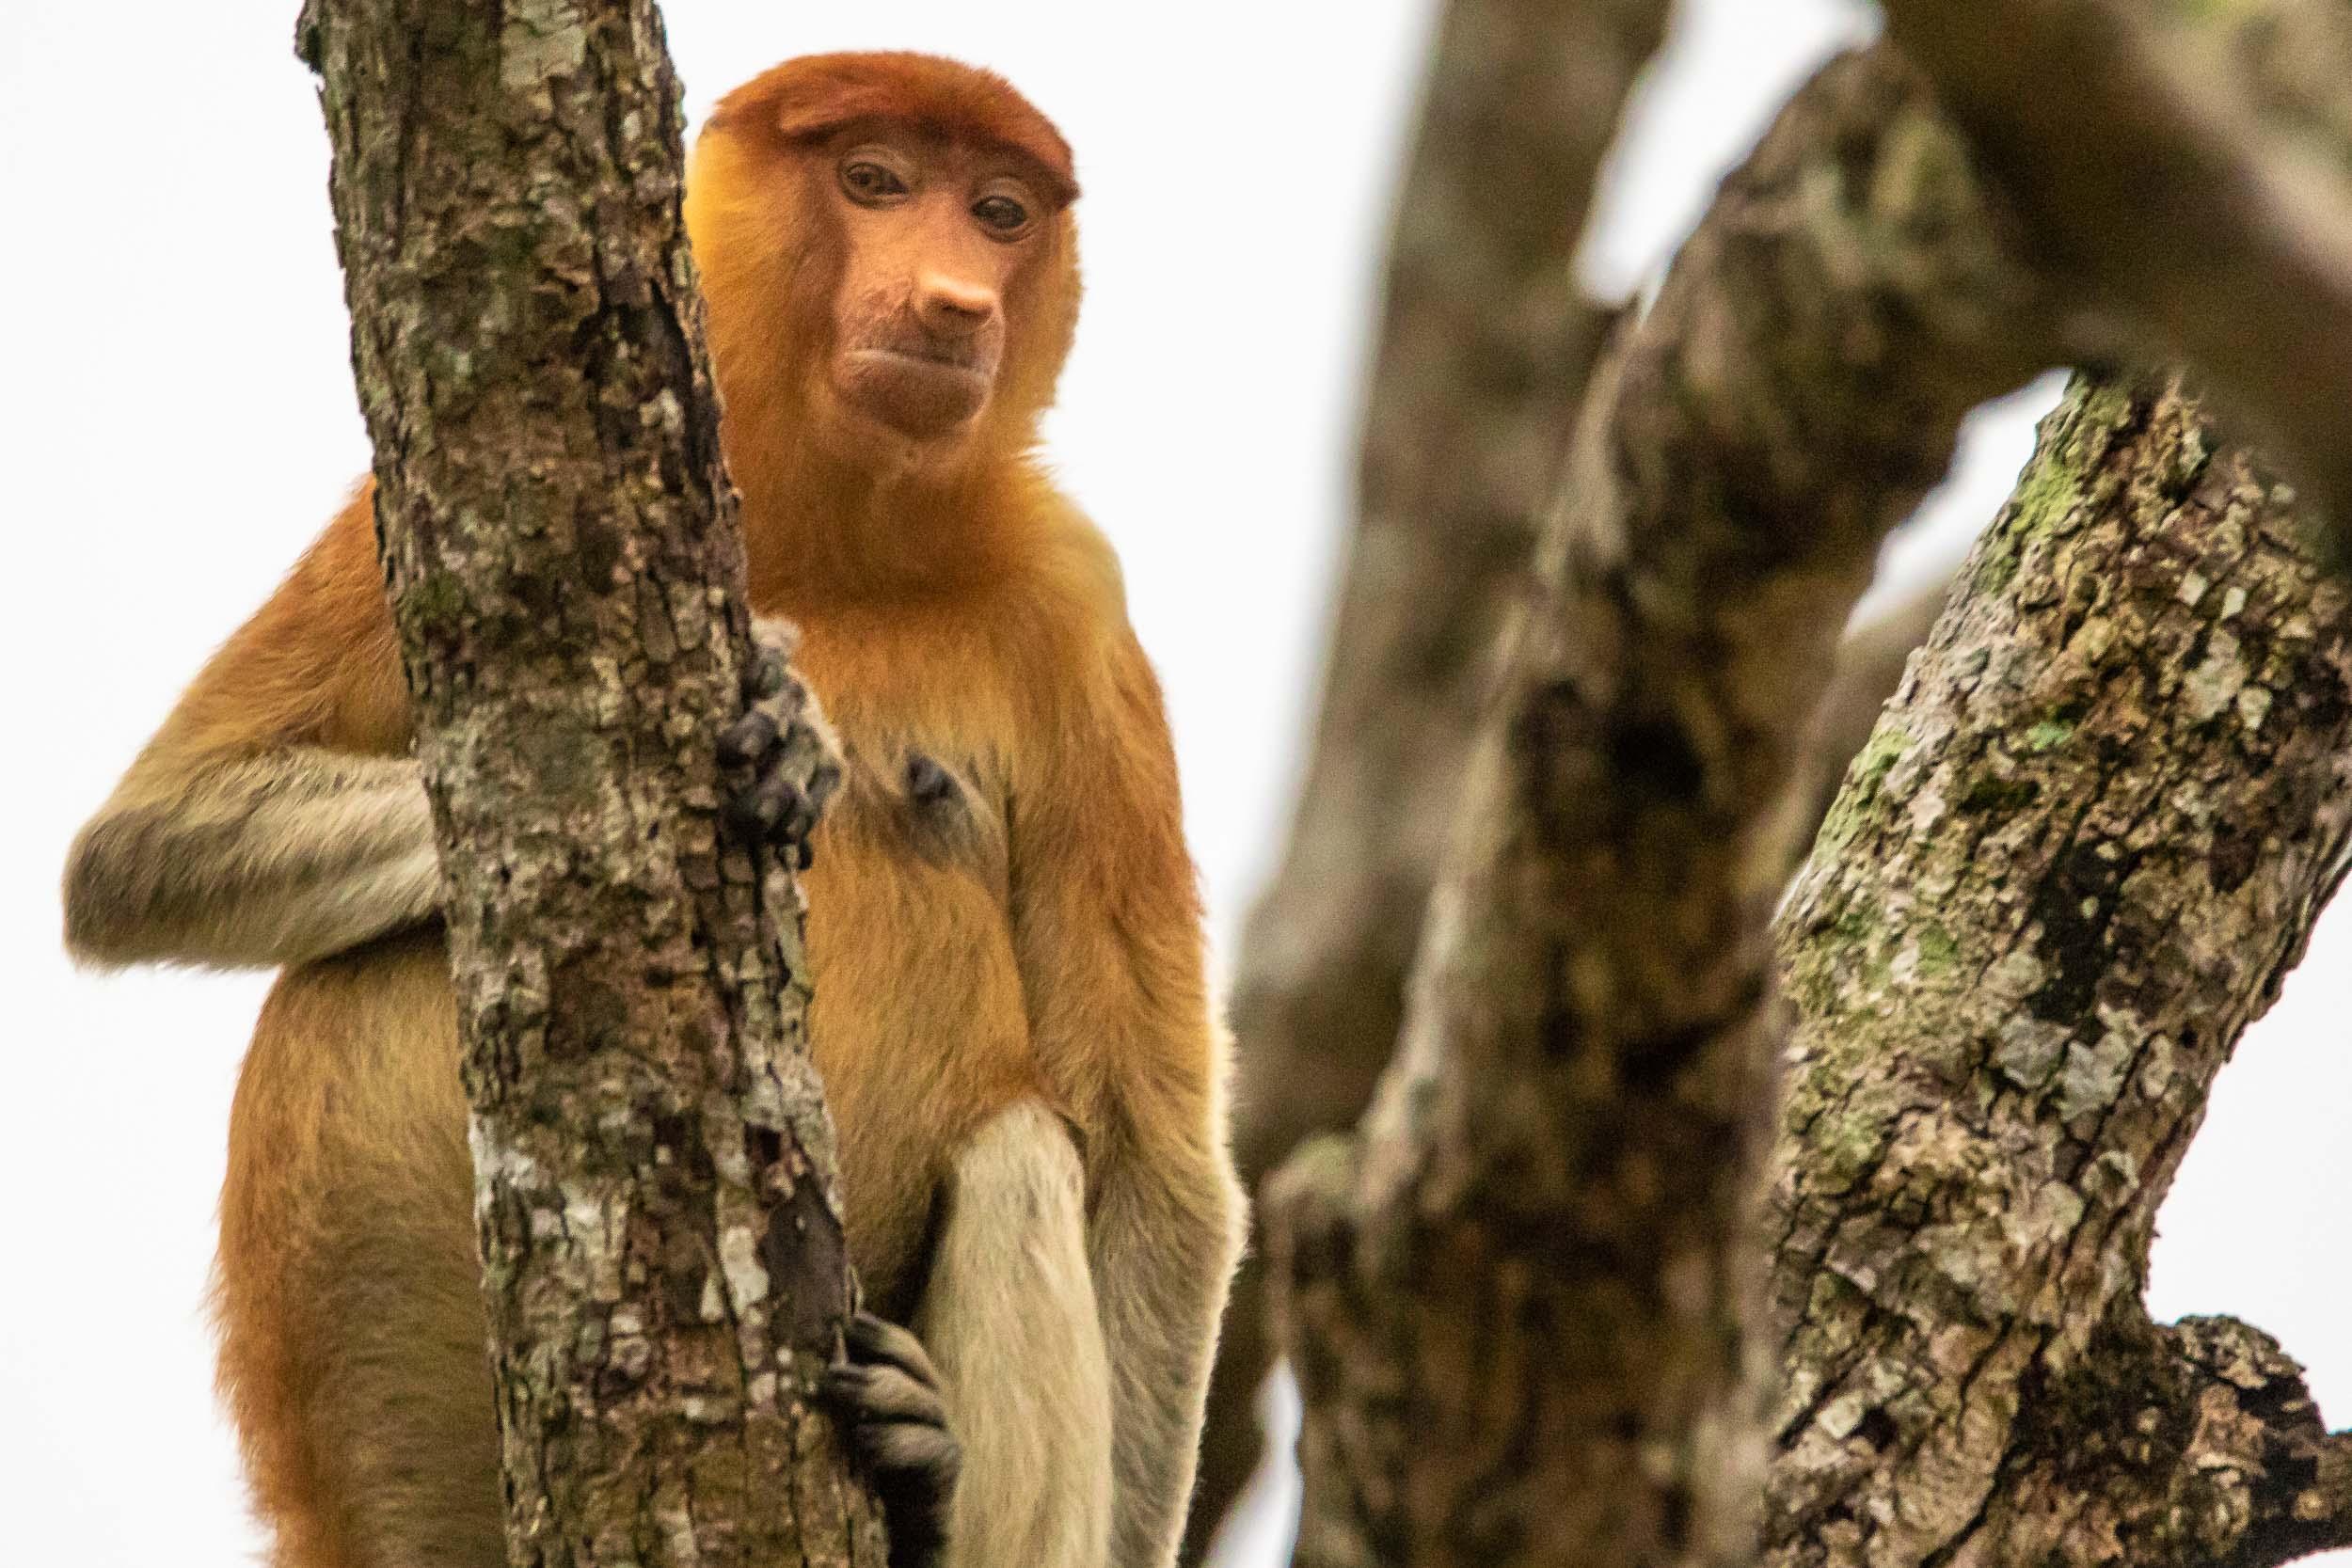 Female proboscis monkey, Brunei River, Brunei